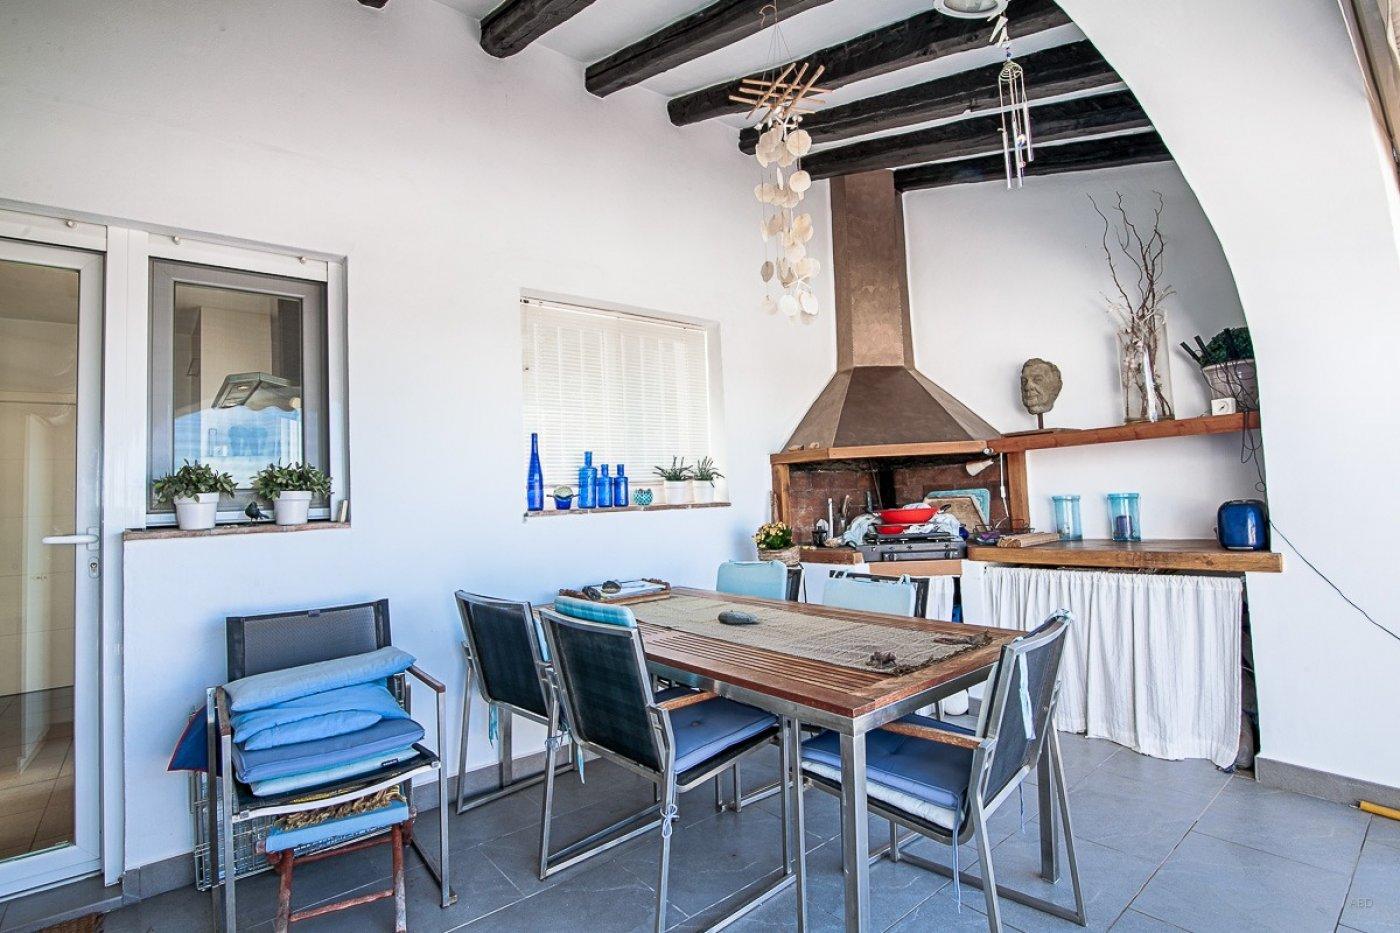 Villa - Ready To Move And Live - Alcasar - Moraira